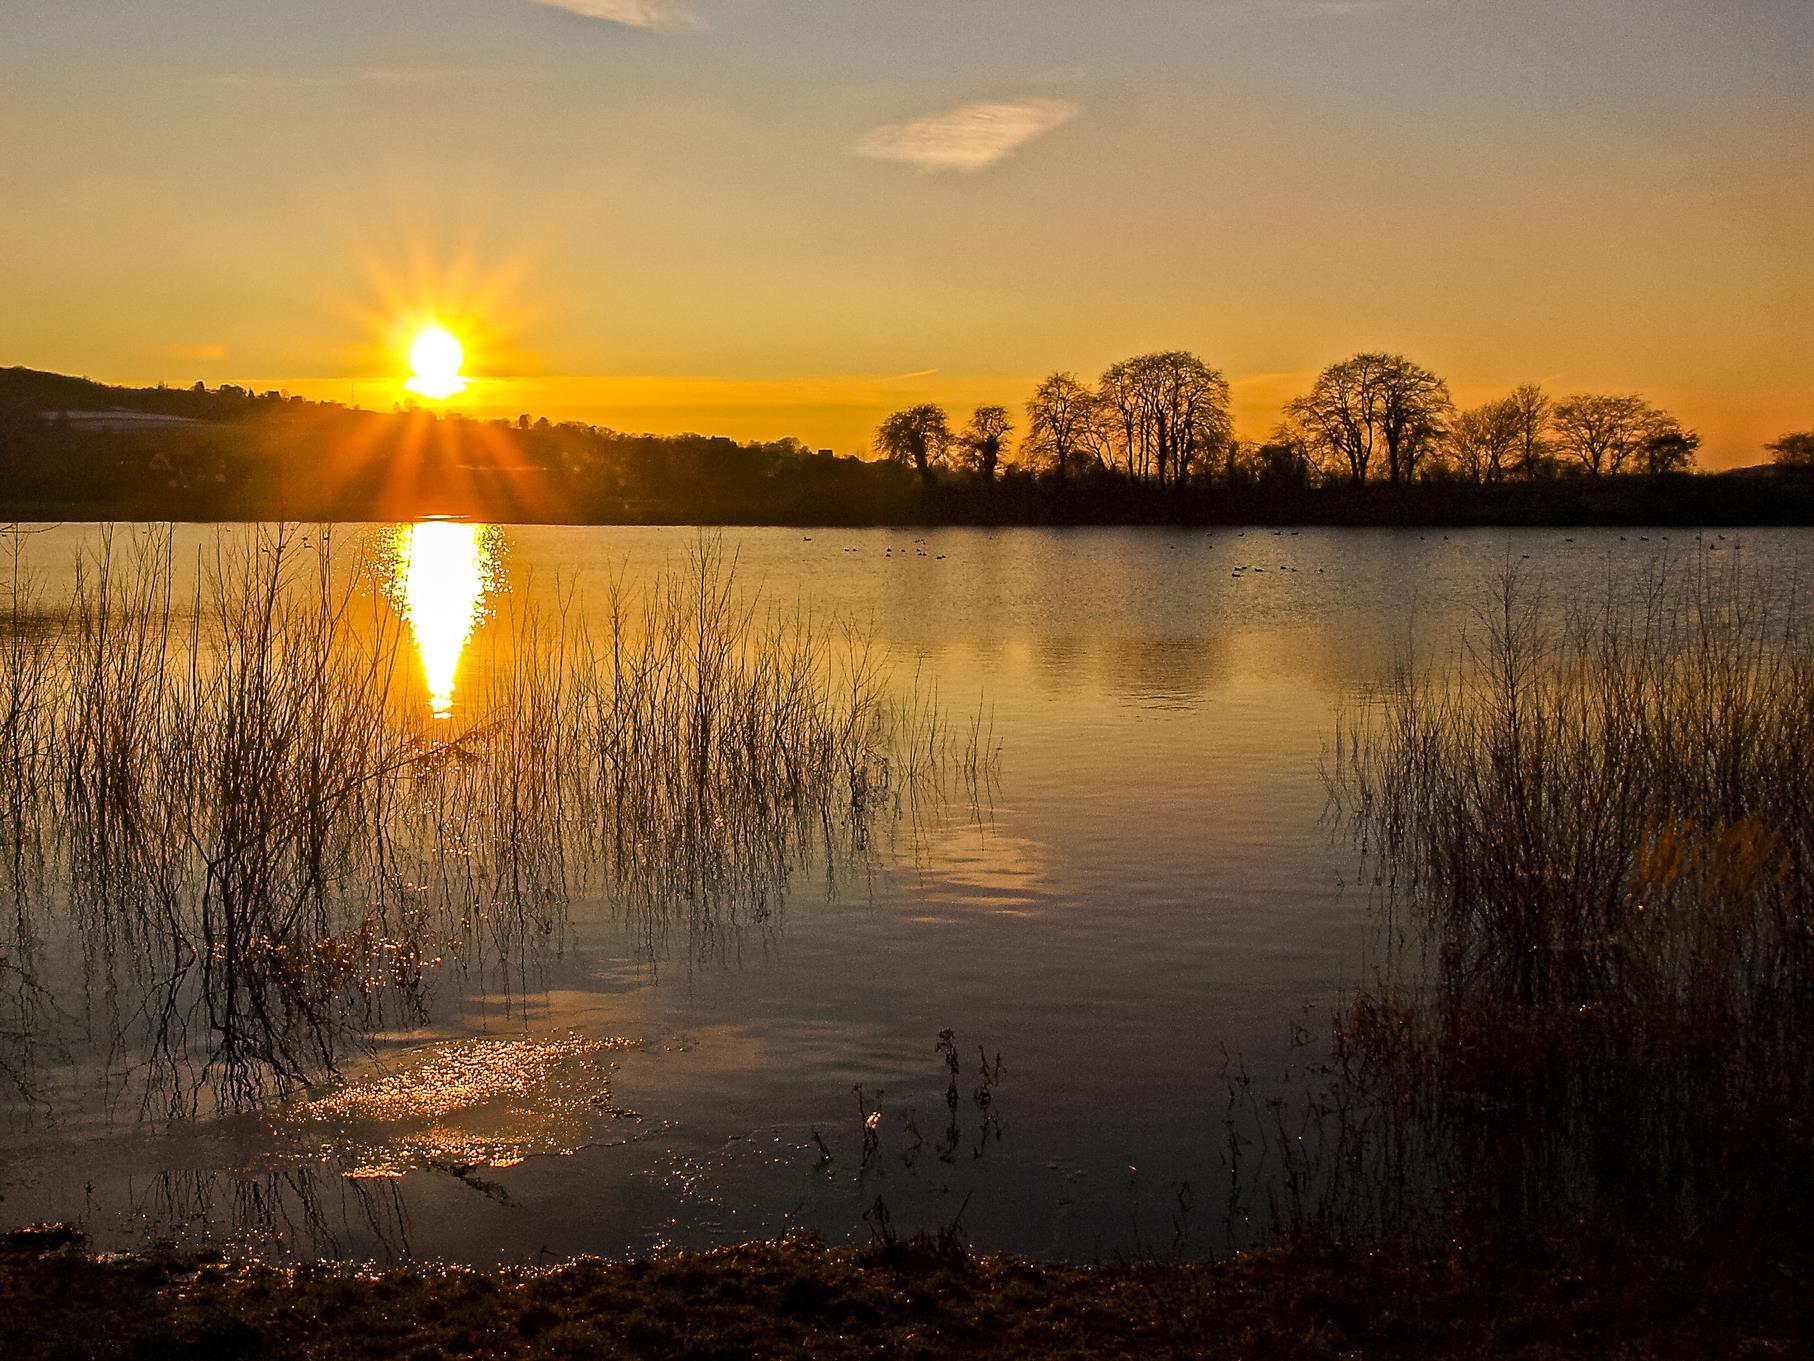 Der kleine östliche Teich bei Hochwasser in der Abendsonne.